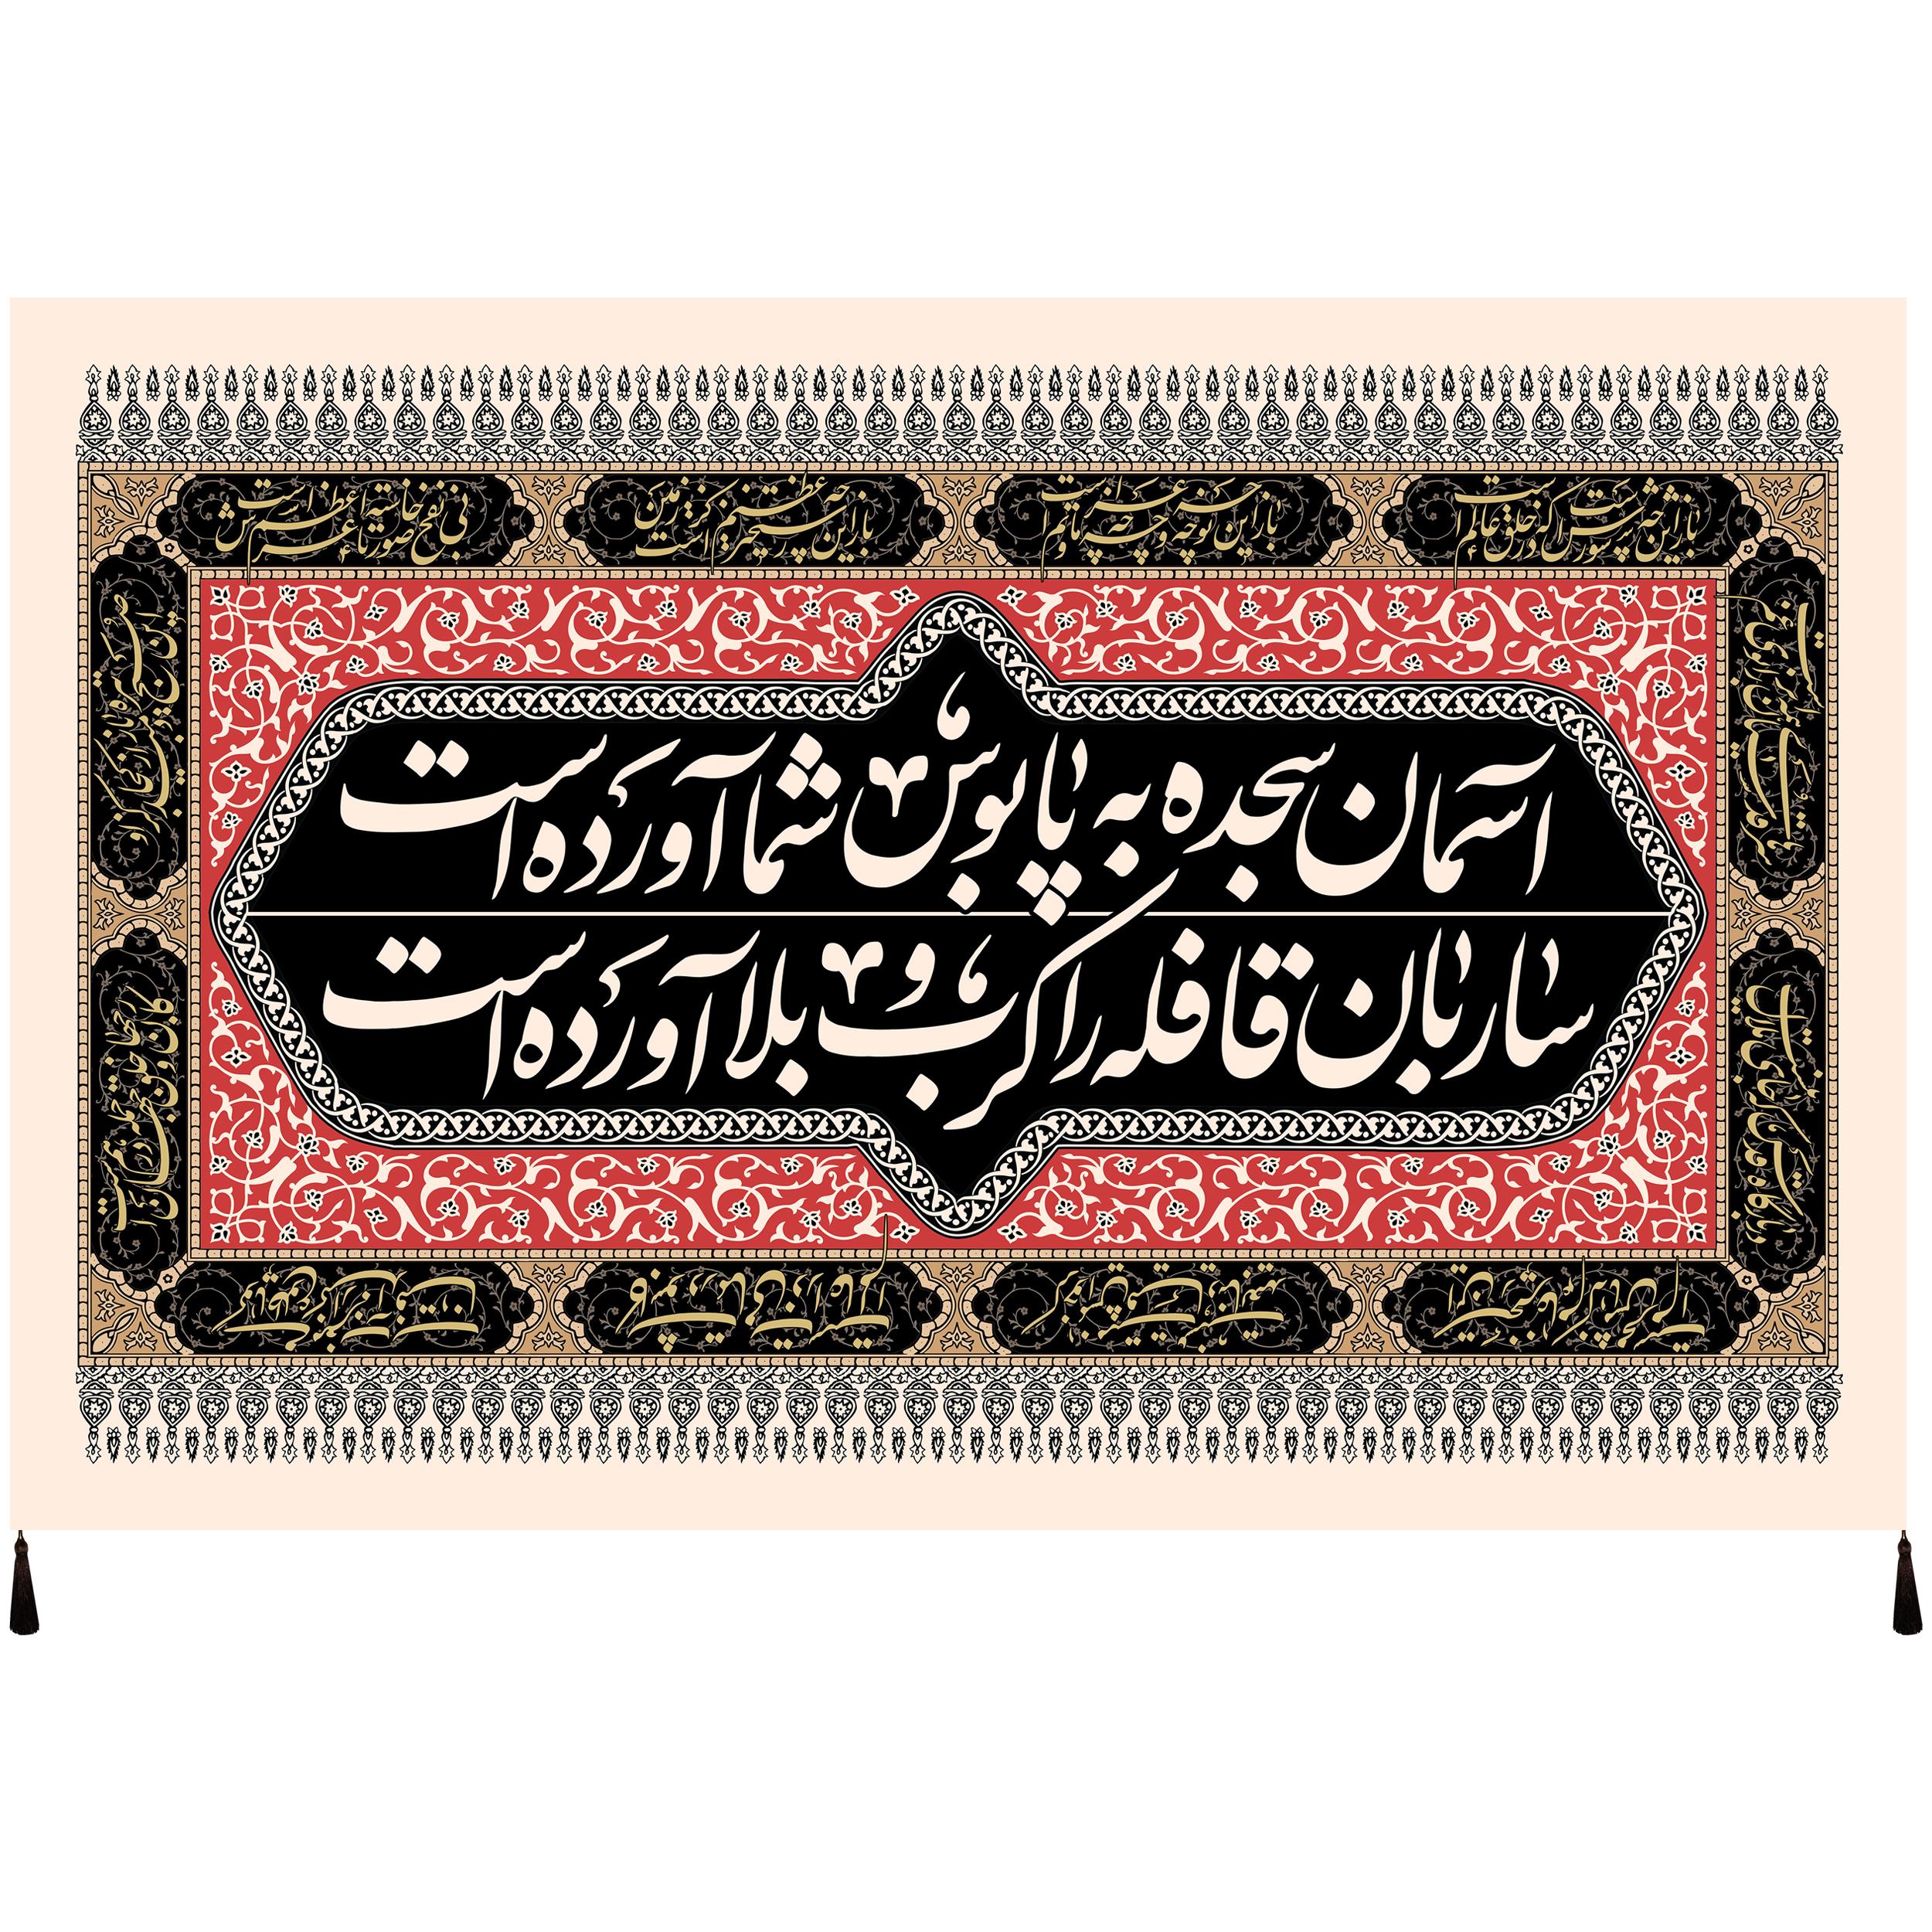 پرچم مدل محرم امام حسین علیه السلام کد 127